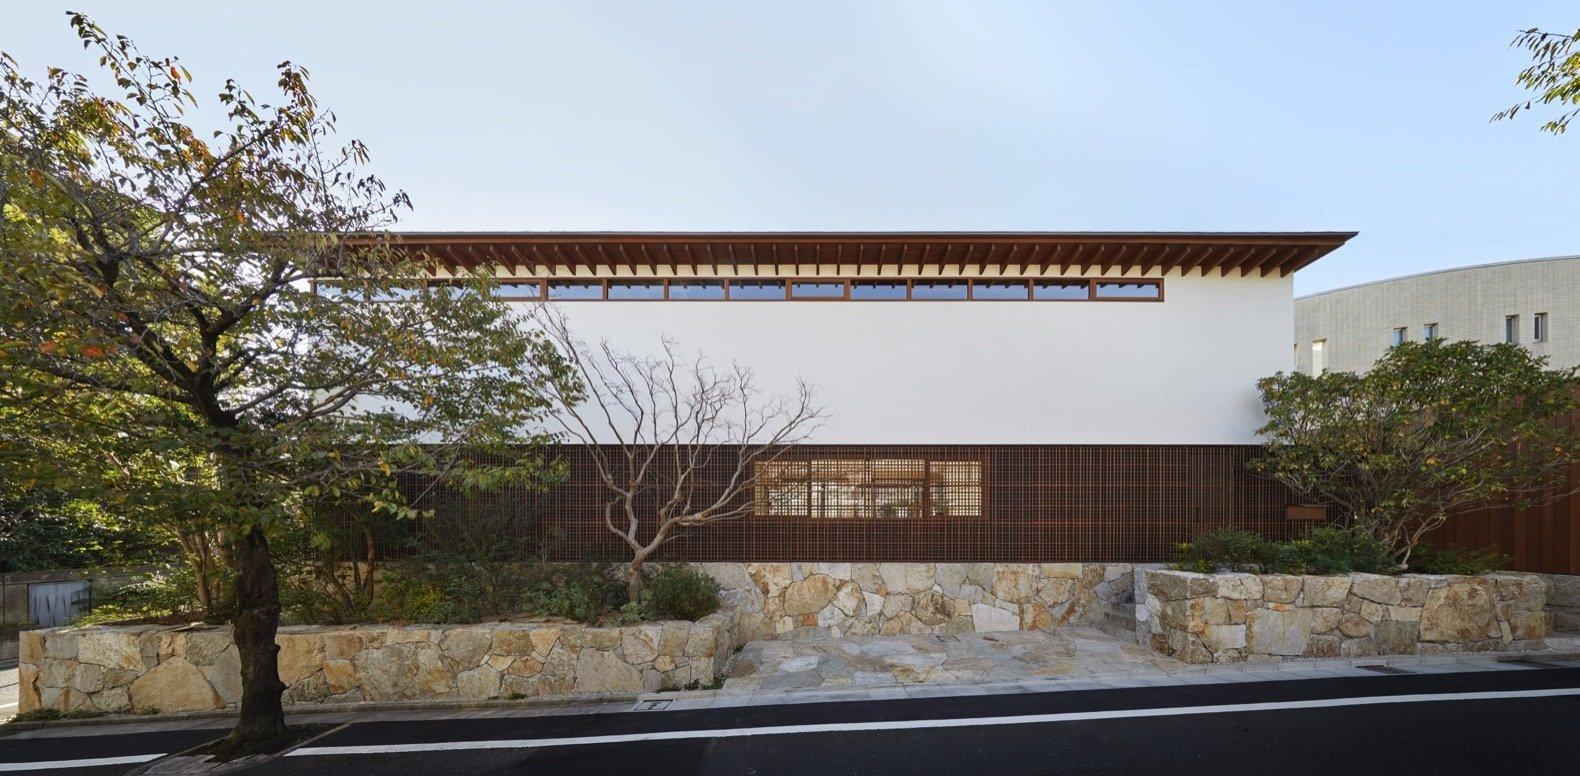 Lath house facade